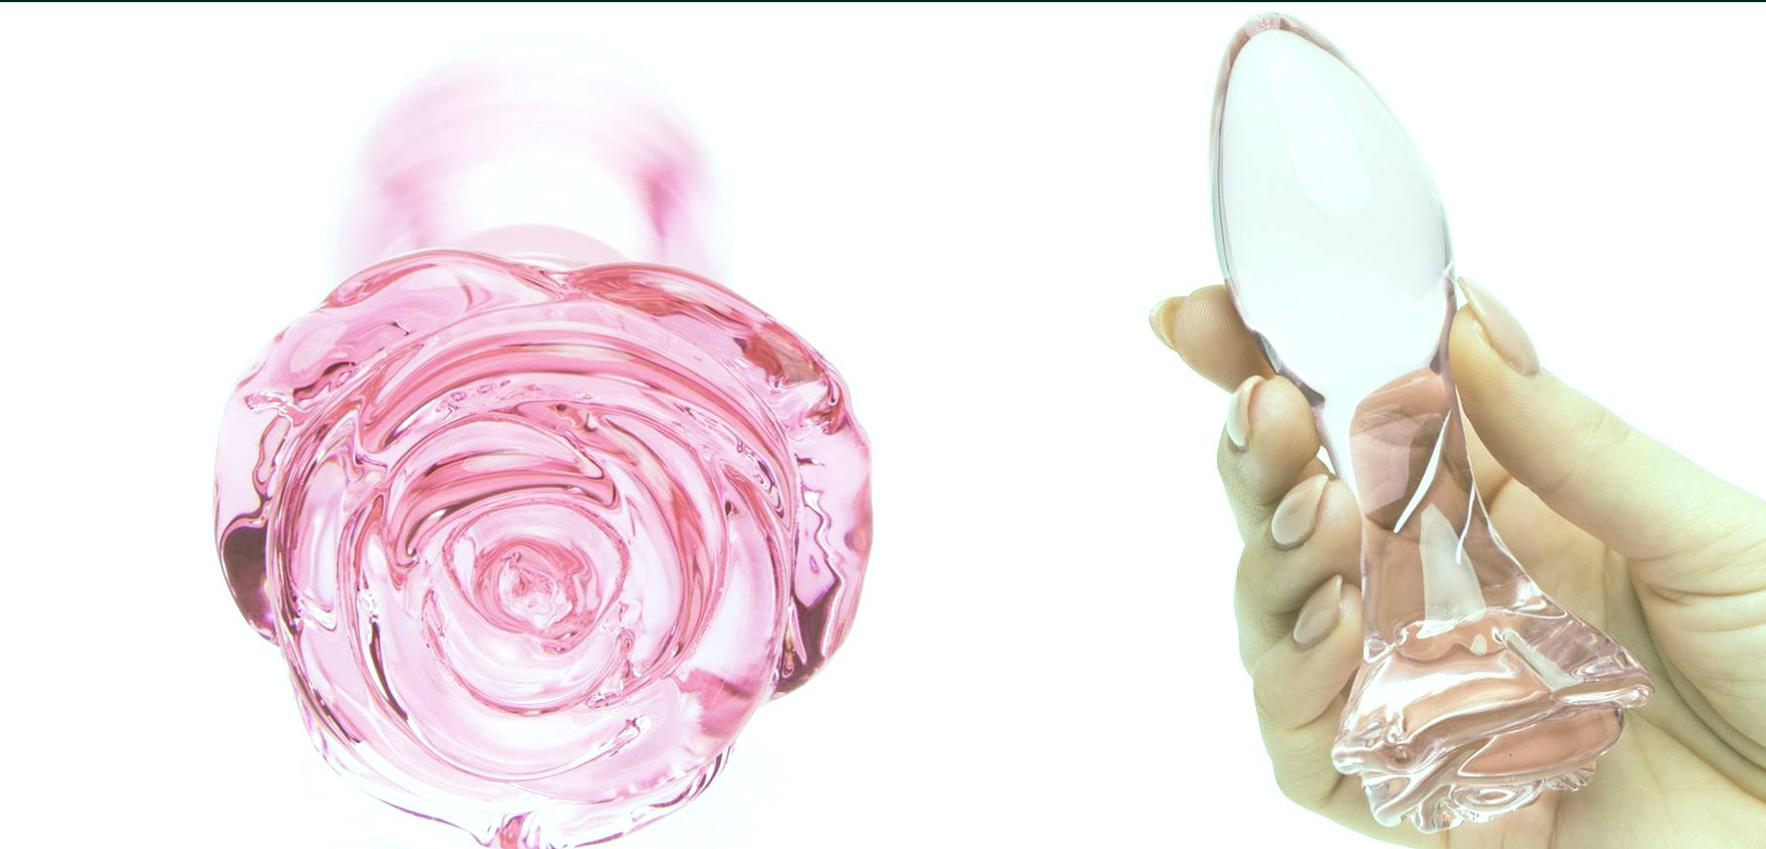 Tapón anal de vidrio rosa.